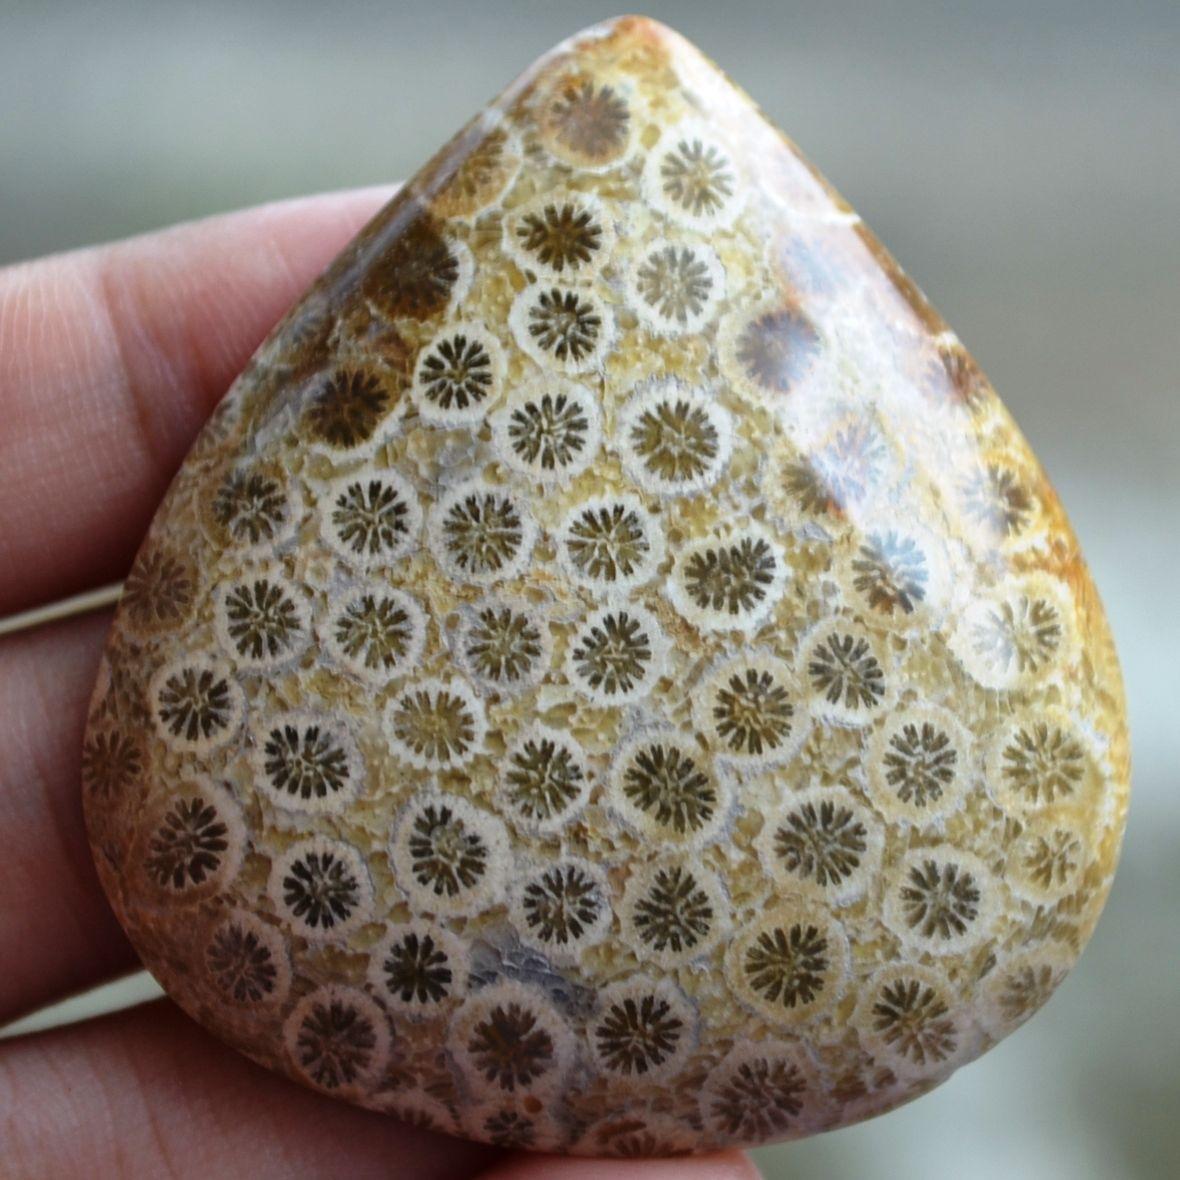 ฟอสซิลหินปะการังขัด Fossil Coral ใหญ่และหนา สำหรับห้อยคอ หรือ พวงกุญแจ คัดสวยพิเศษ #CRF017